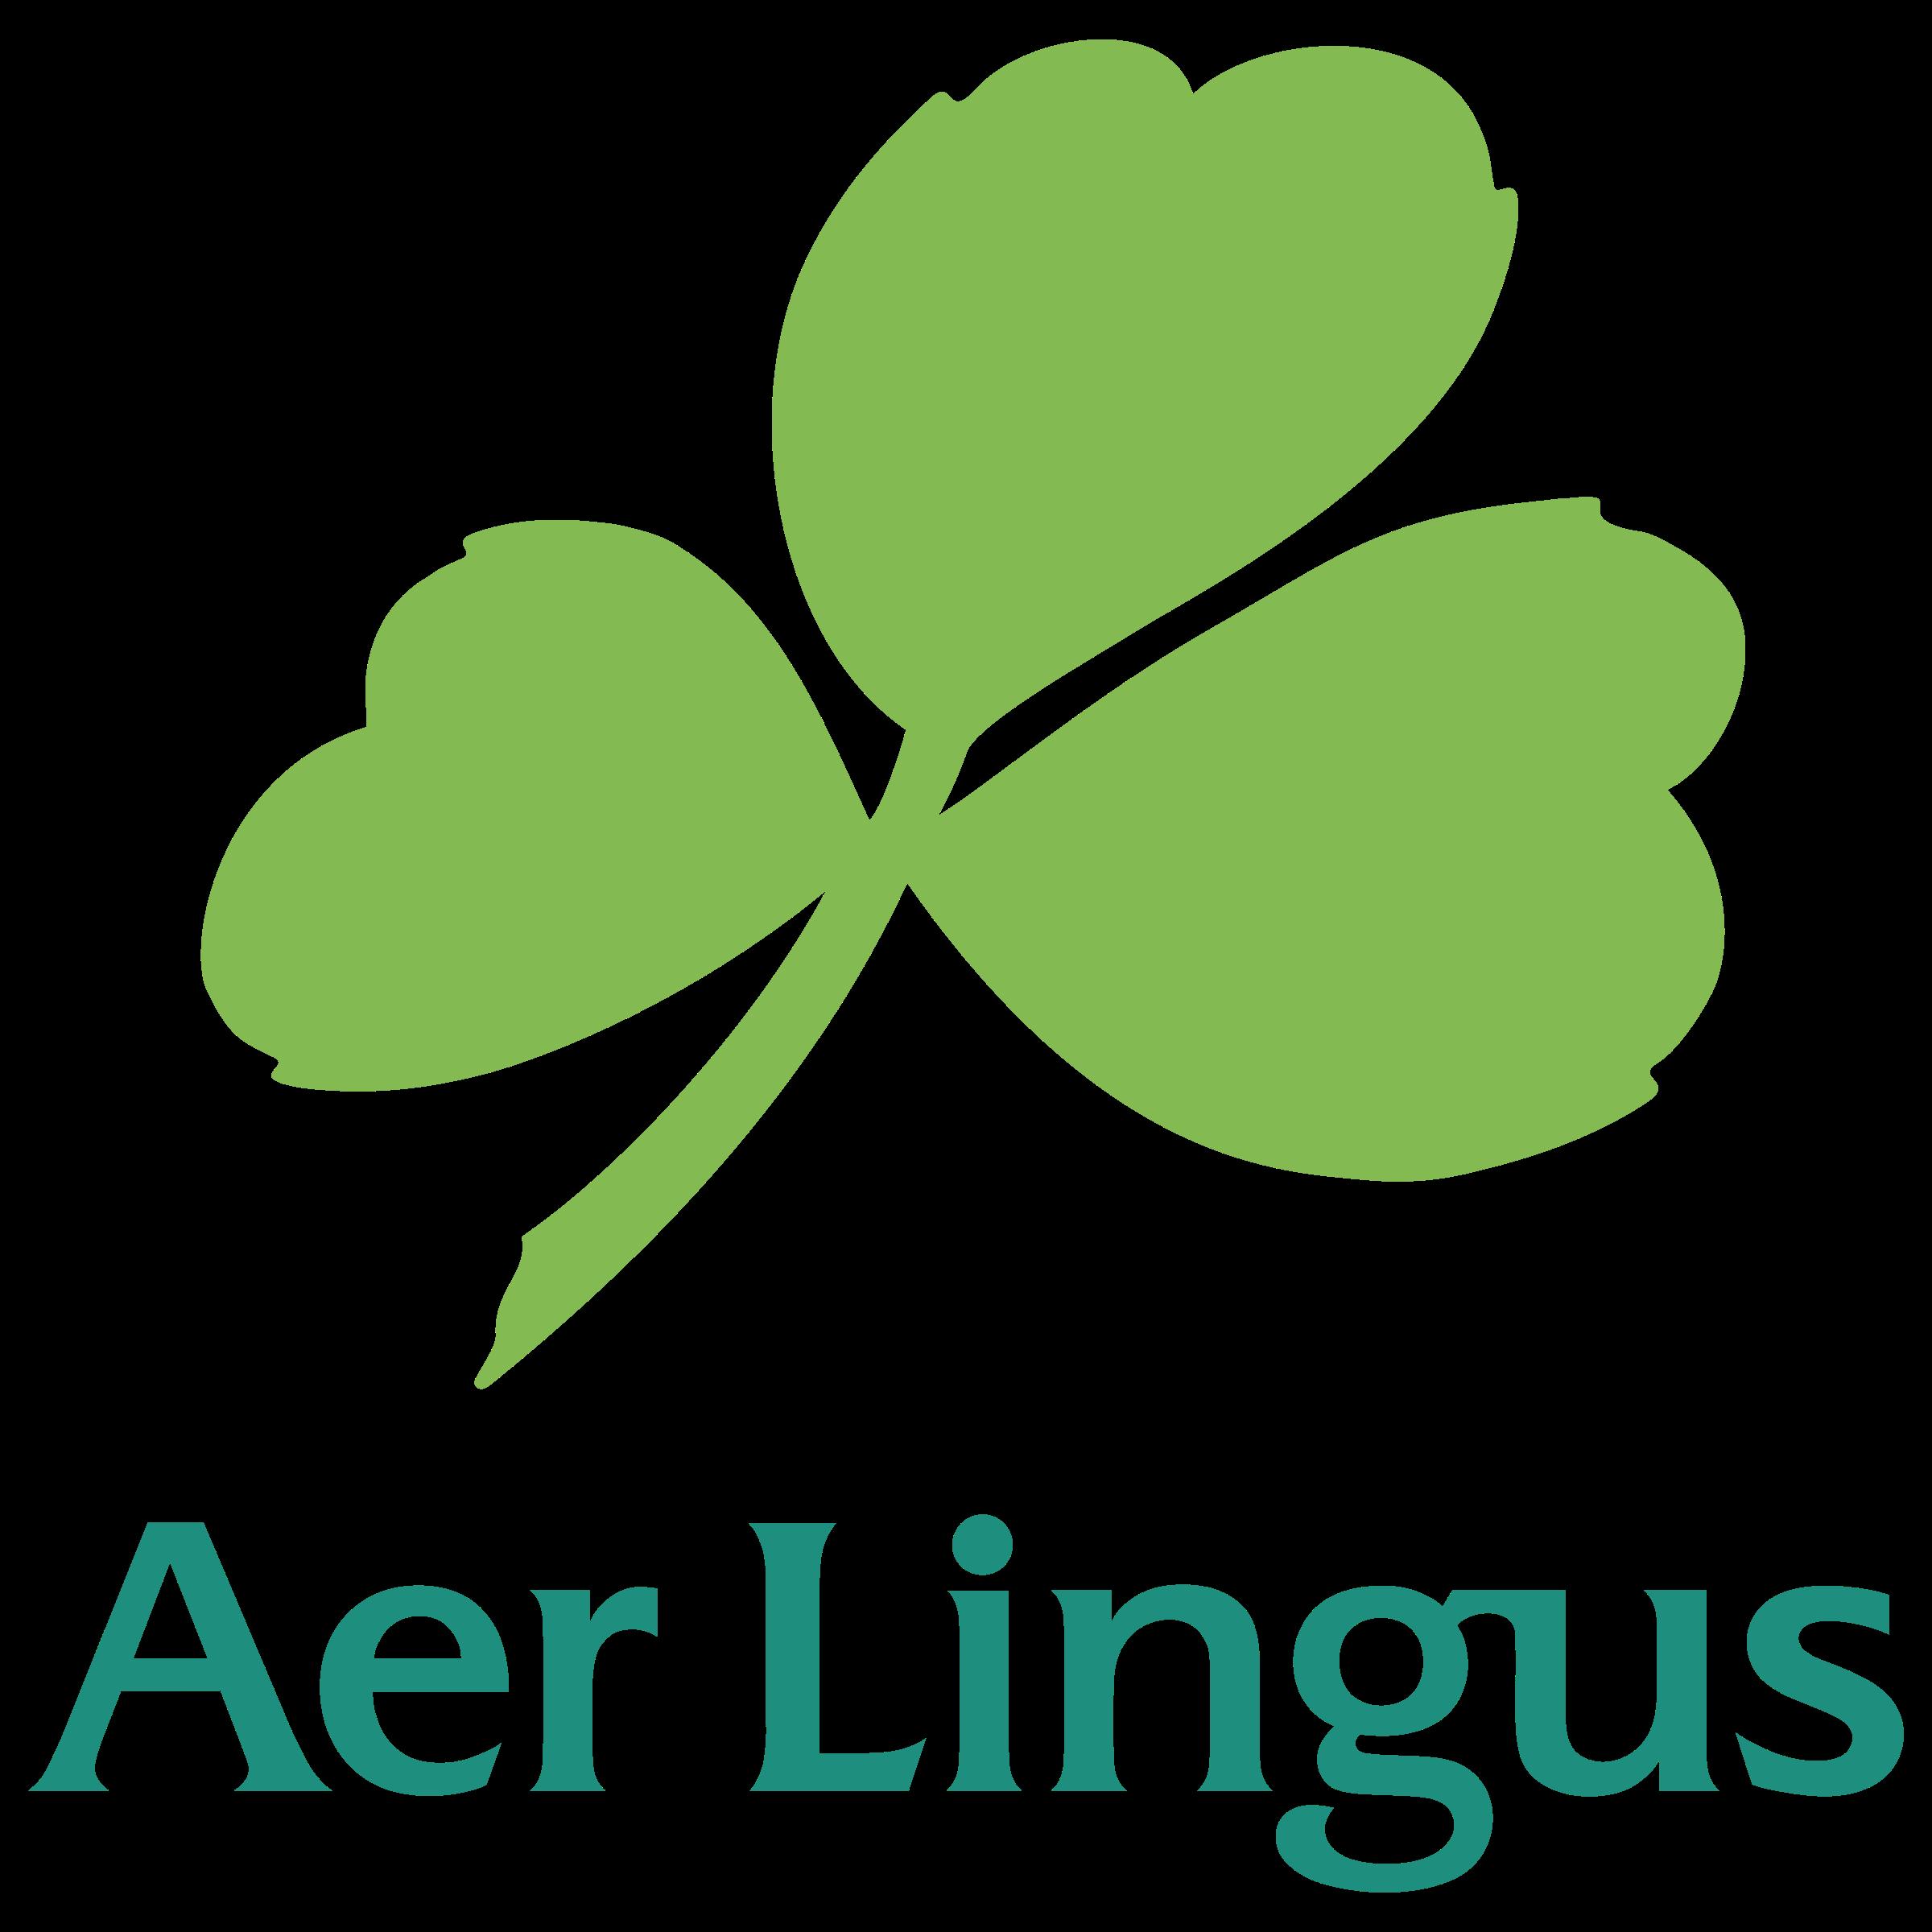 Télephone information entreprise  Aer Lingus